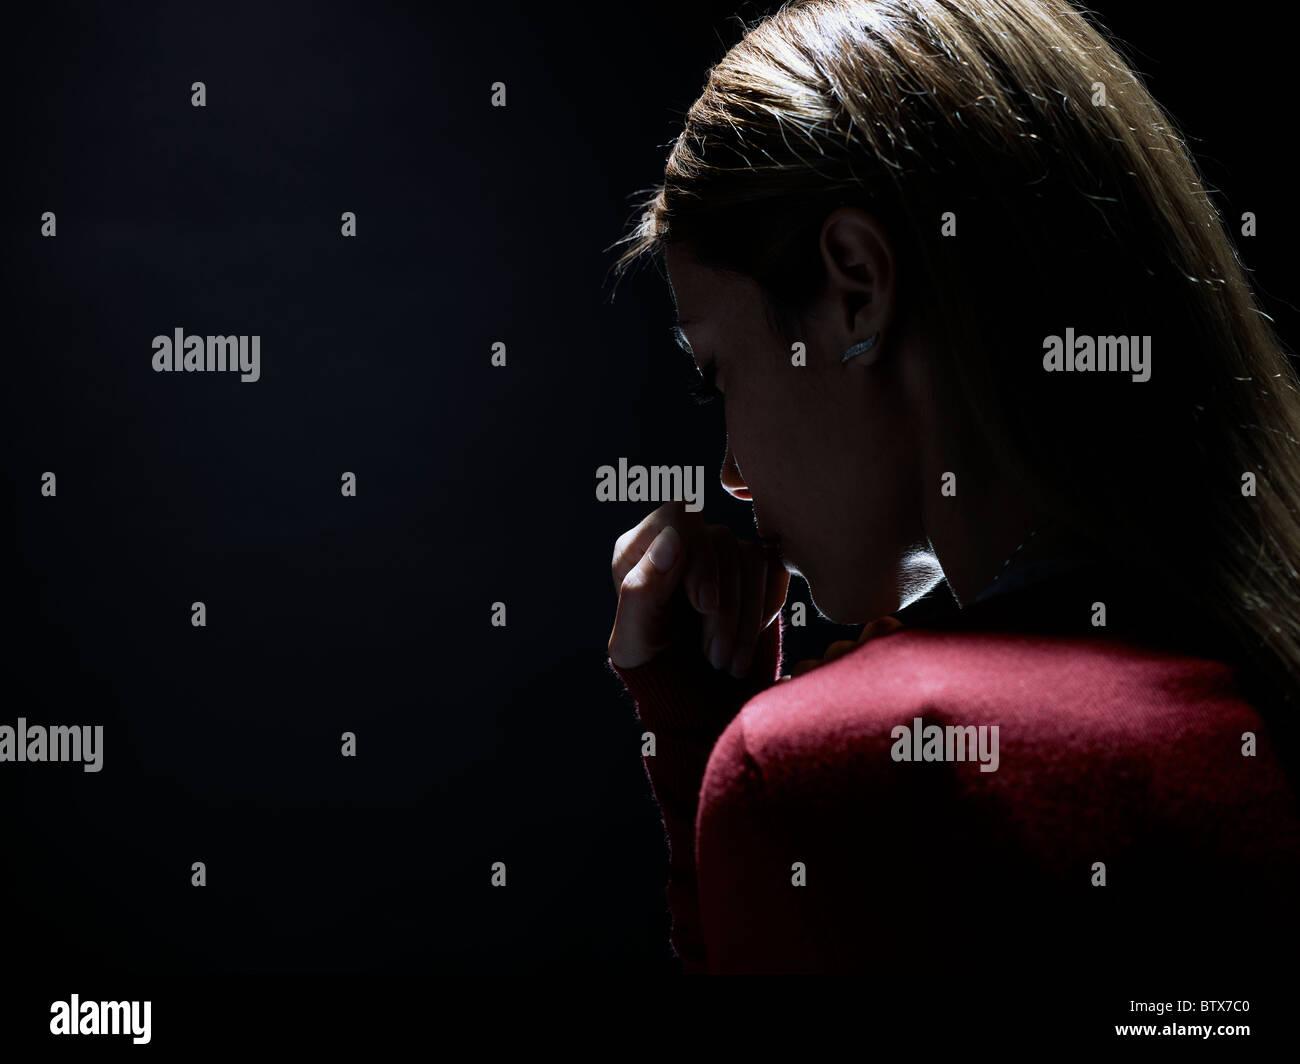 Malinconici donna su sfondo nero, che rappresenta il concetto di anonimato Immagini Stock